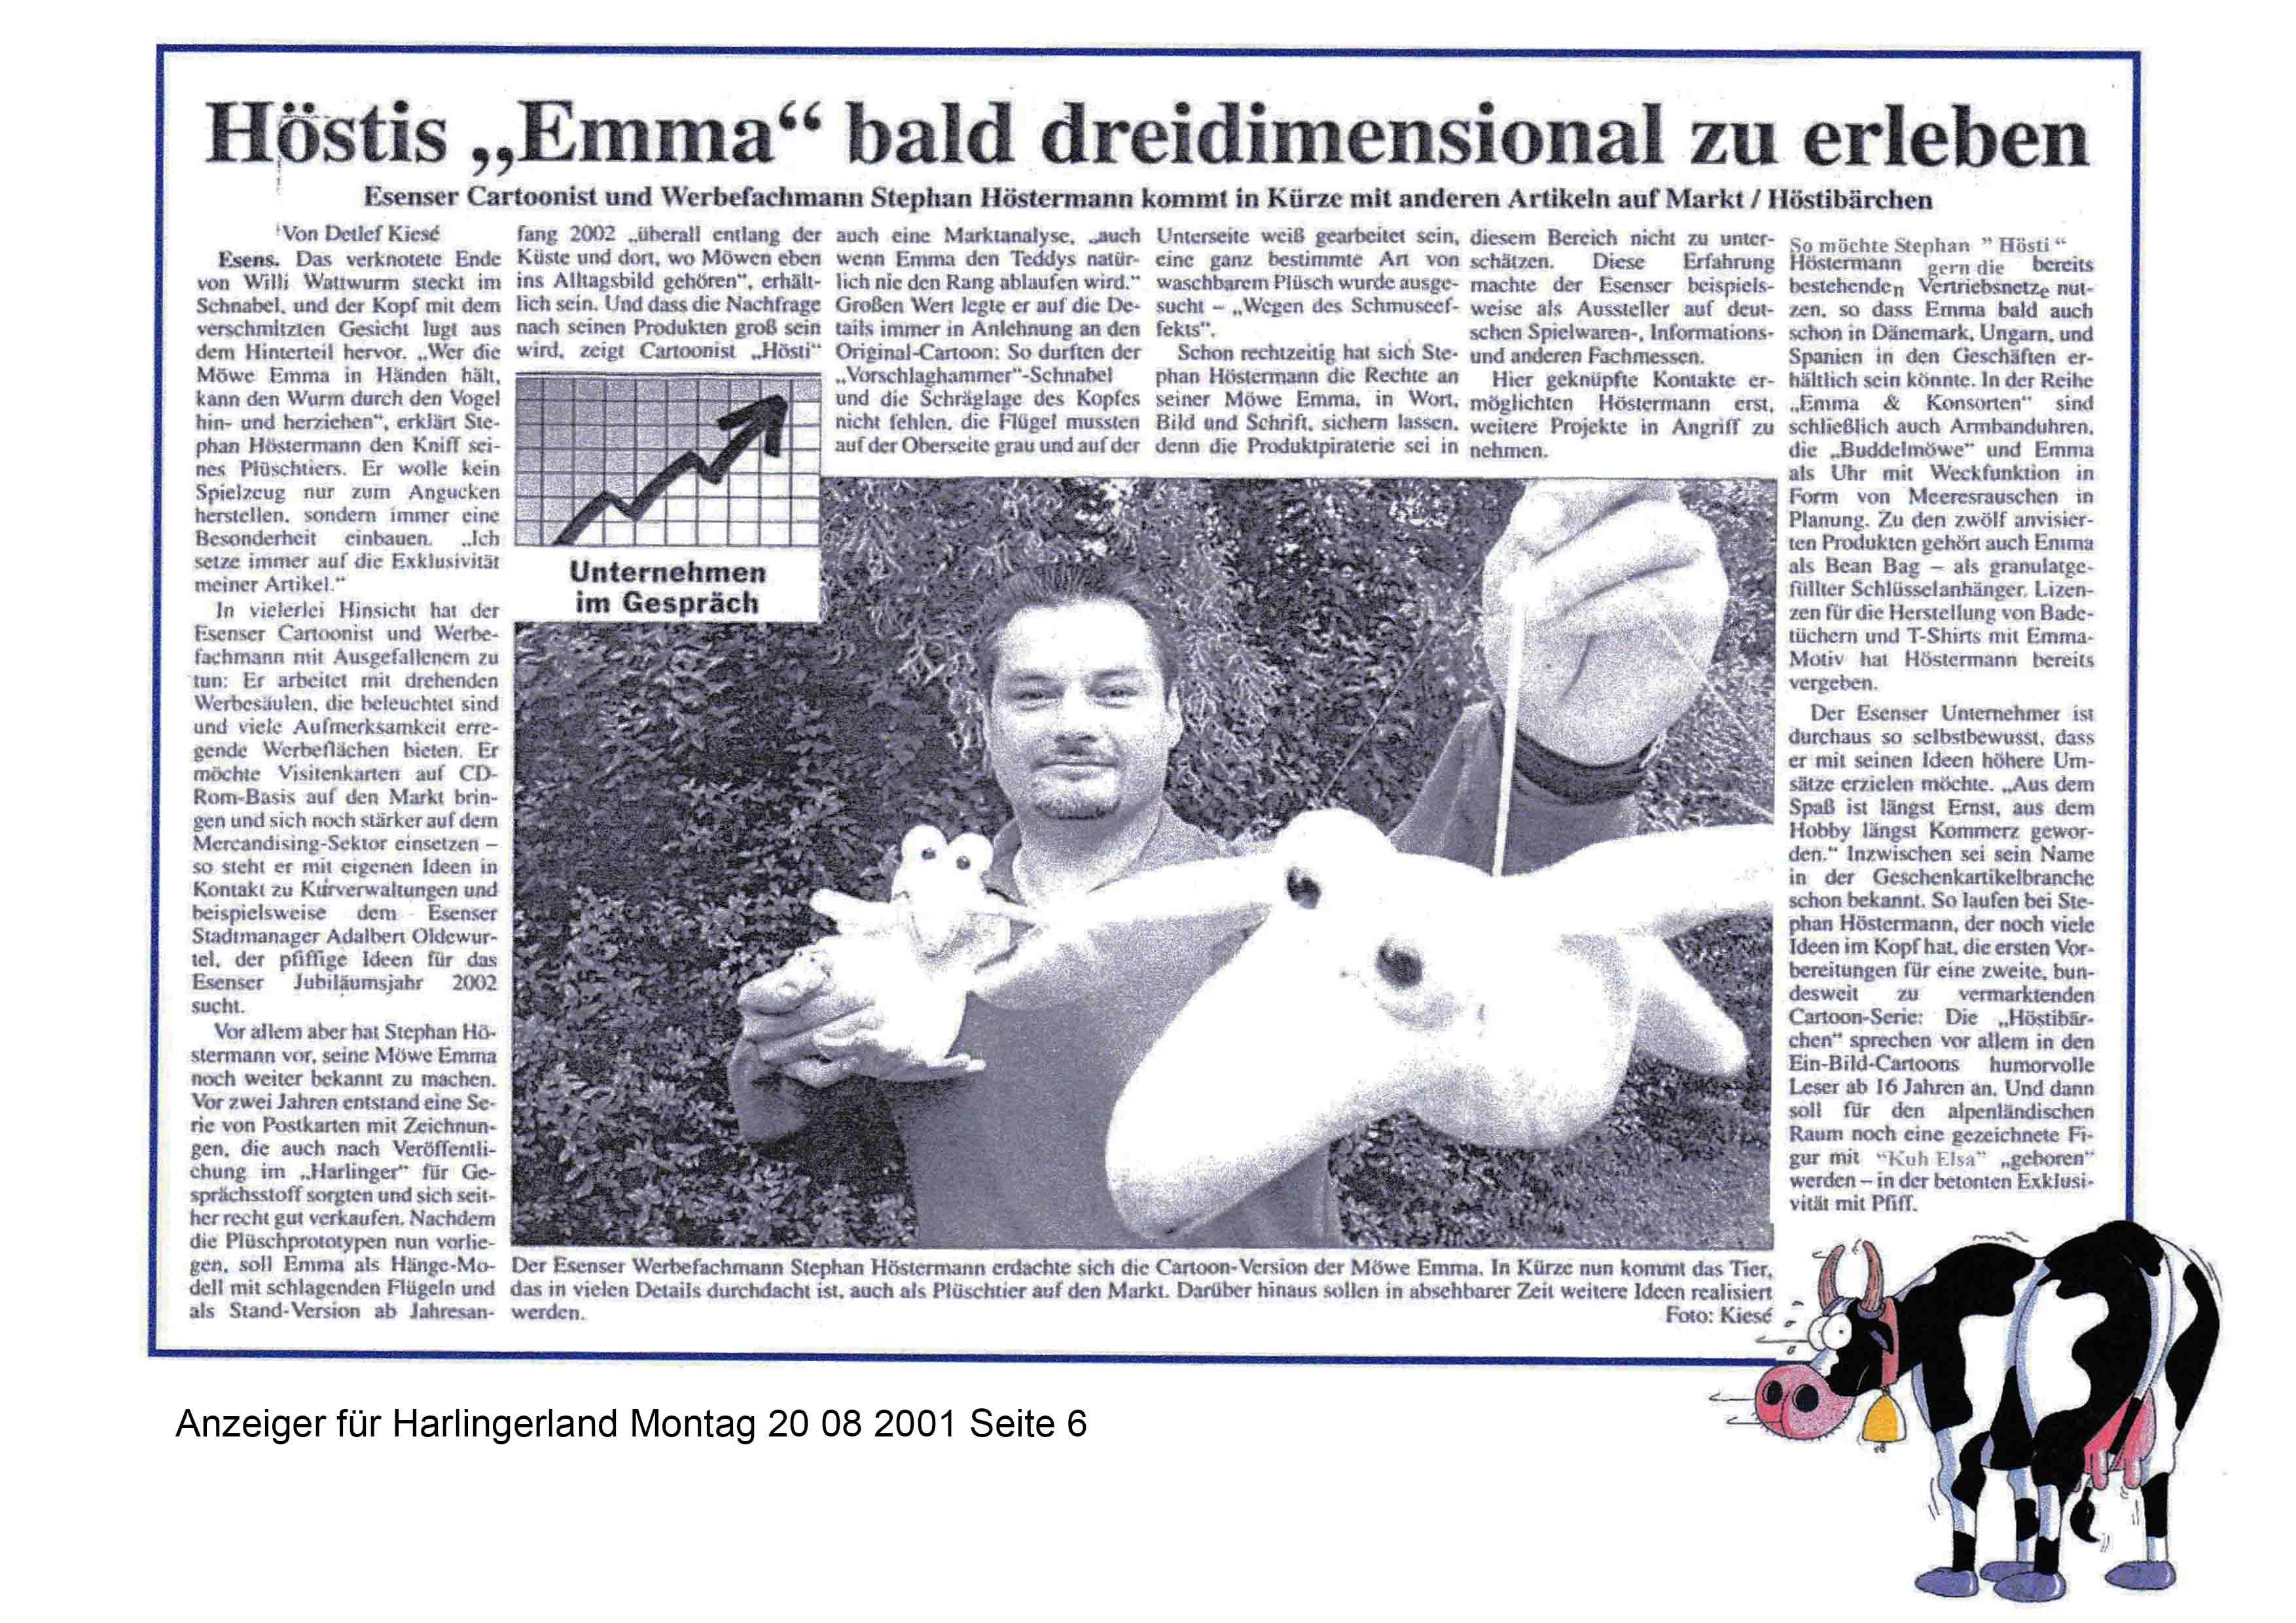 Anzeiger für Harlingerland Montag 20 08 2001 Seite 6